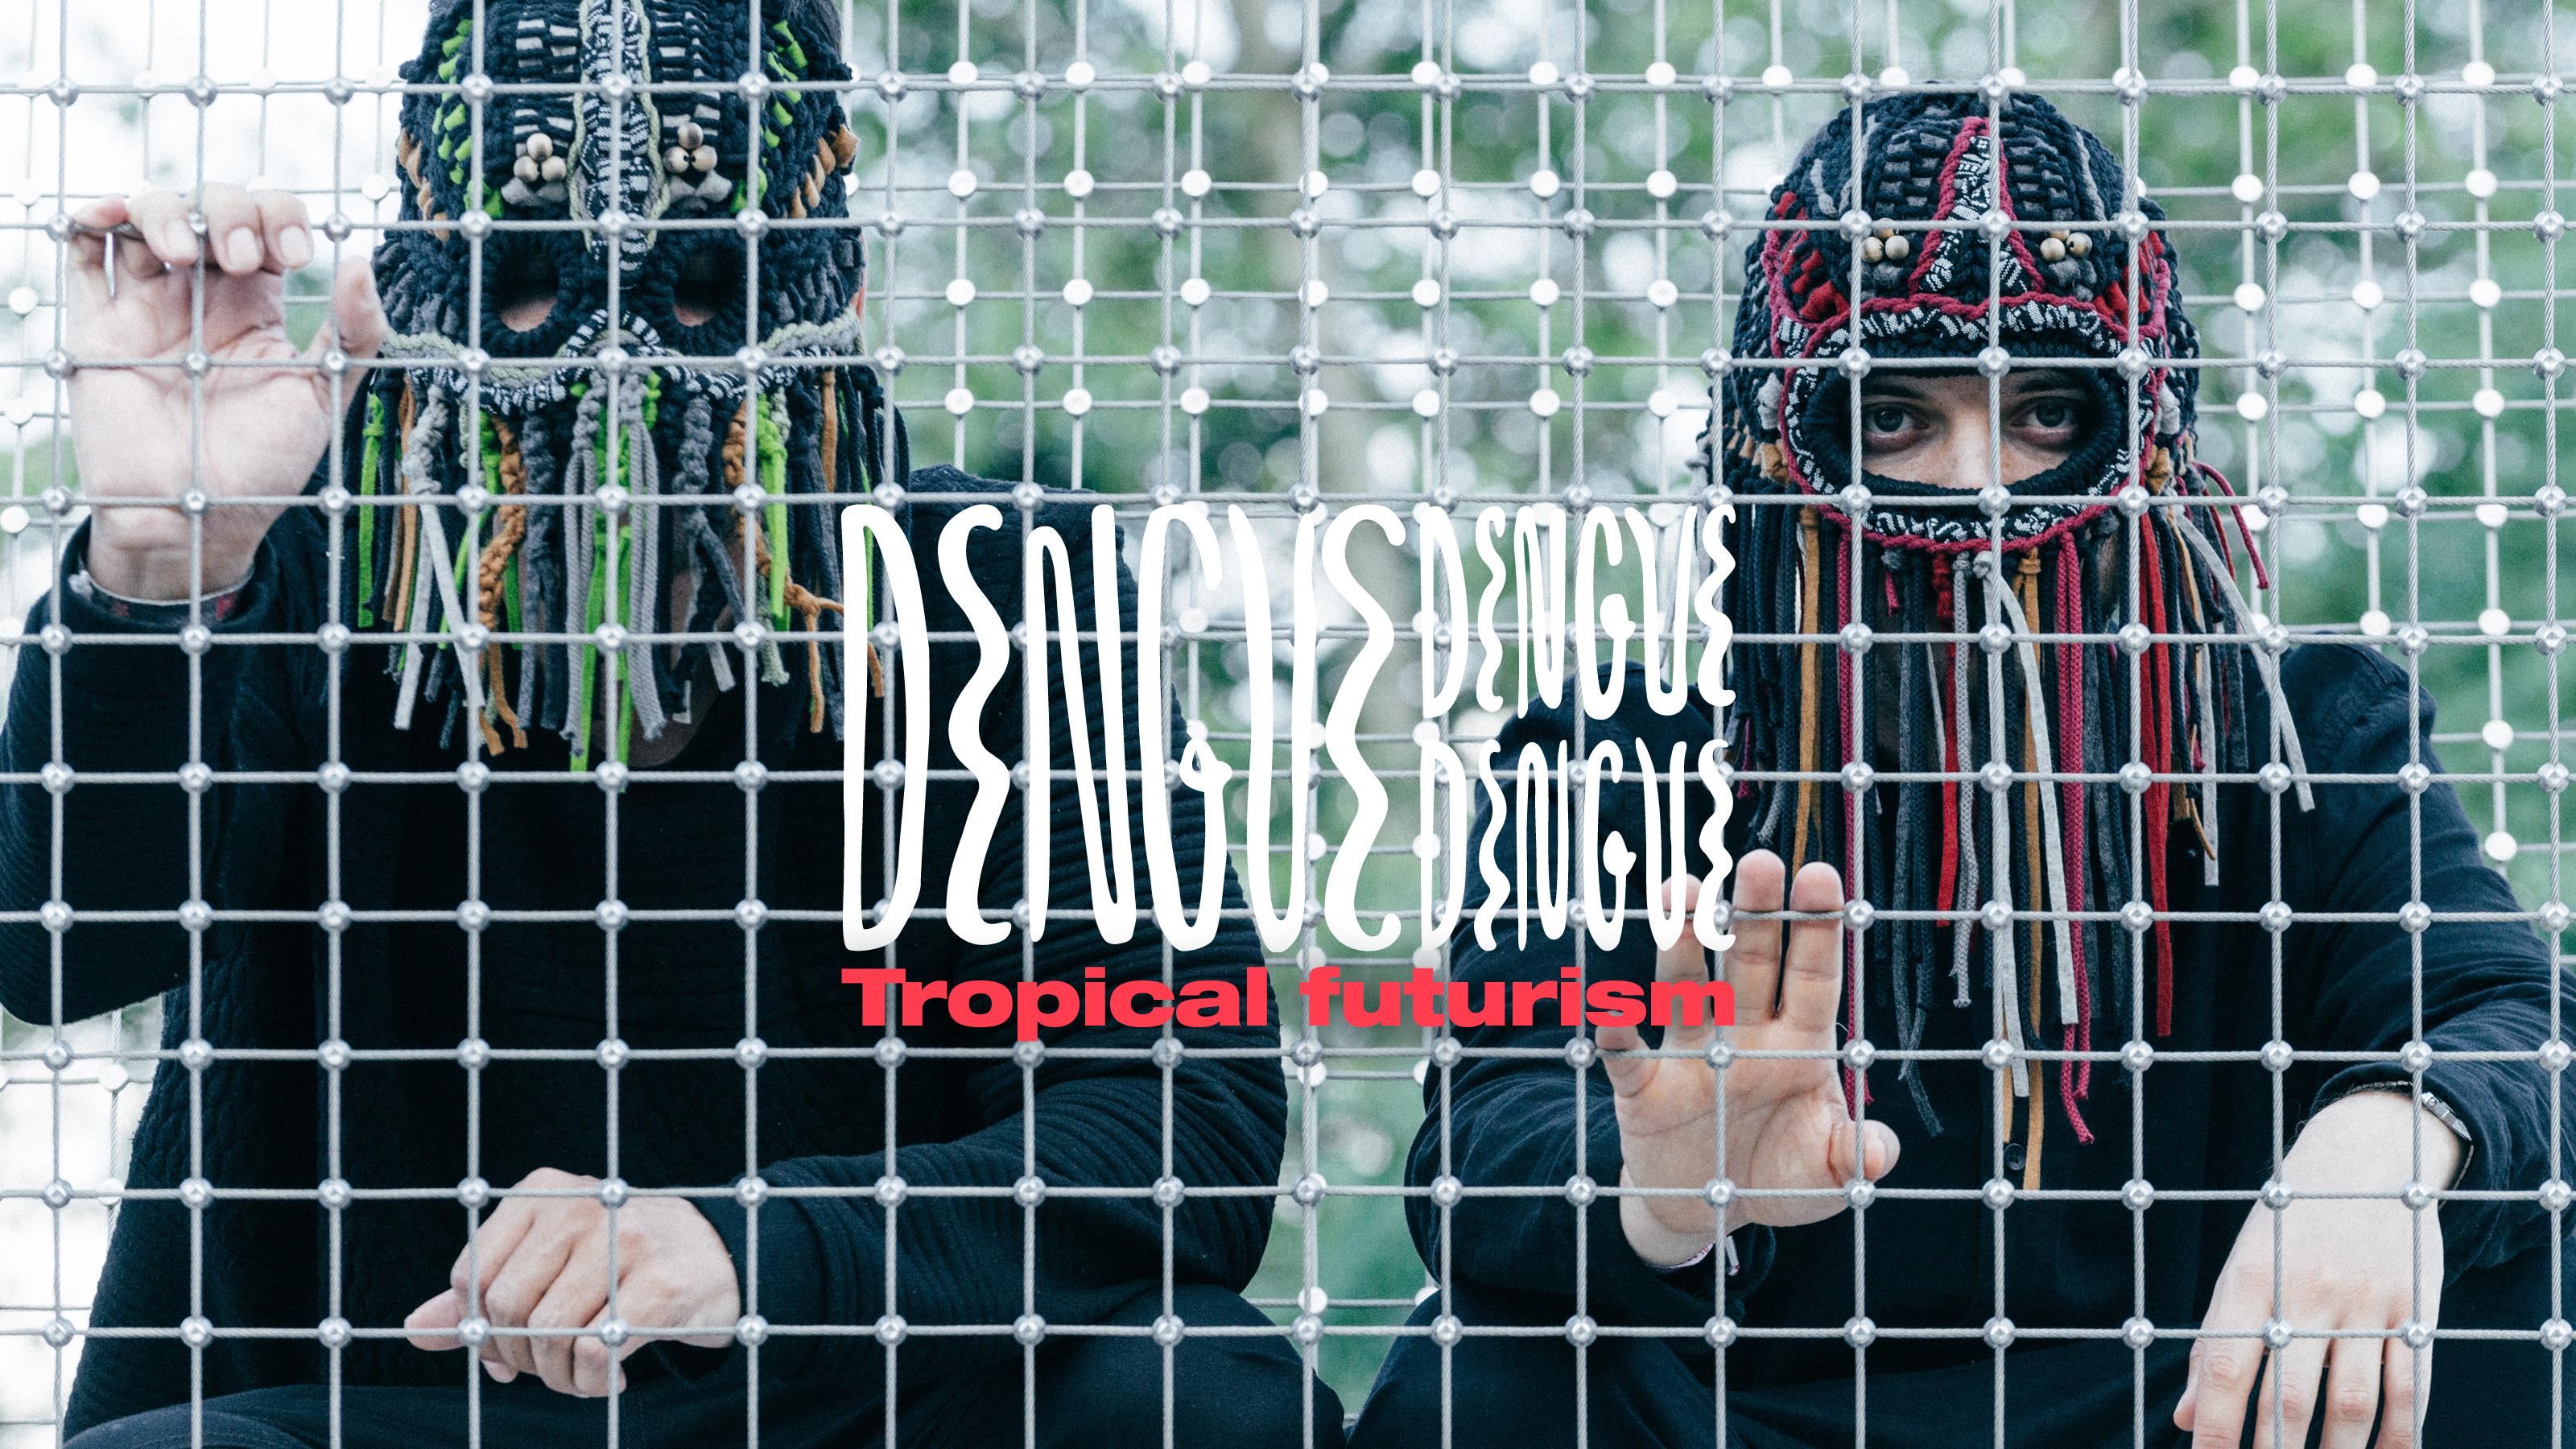 Dengue Dengue Dengue: Tropical futurism